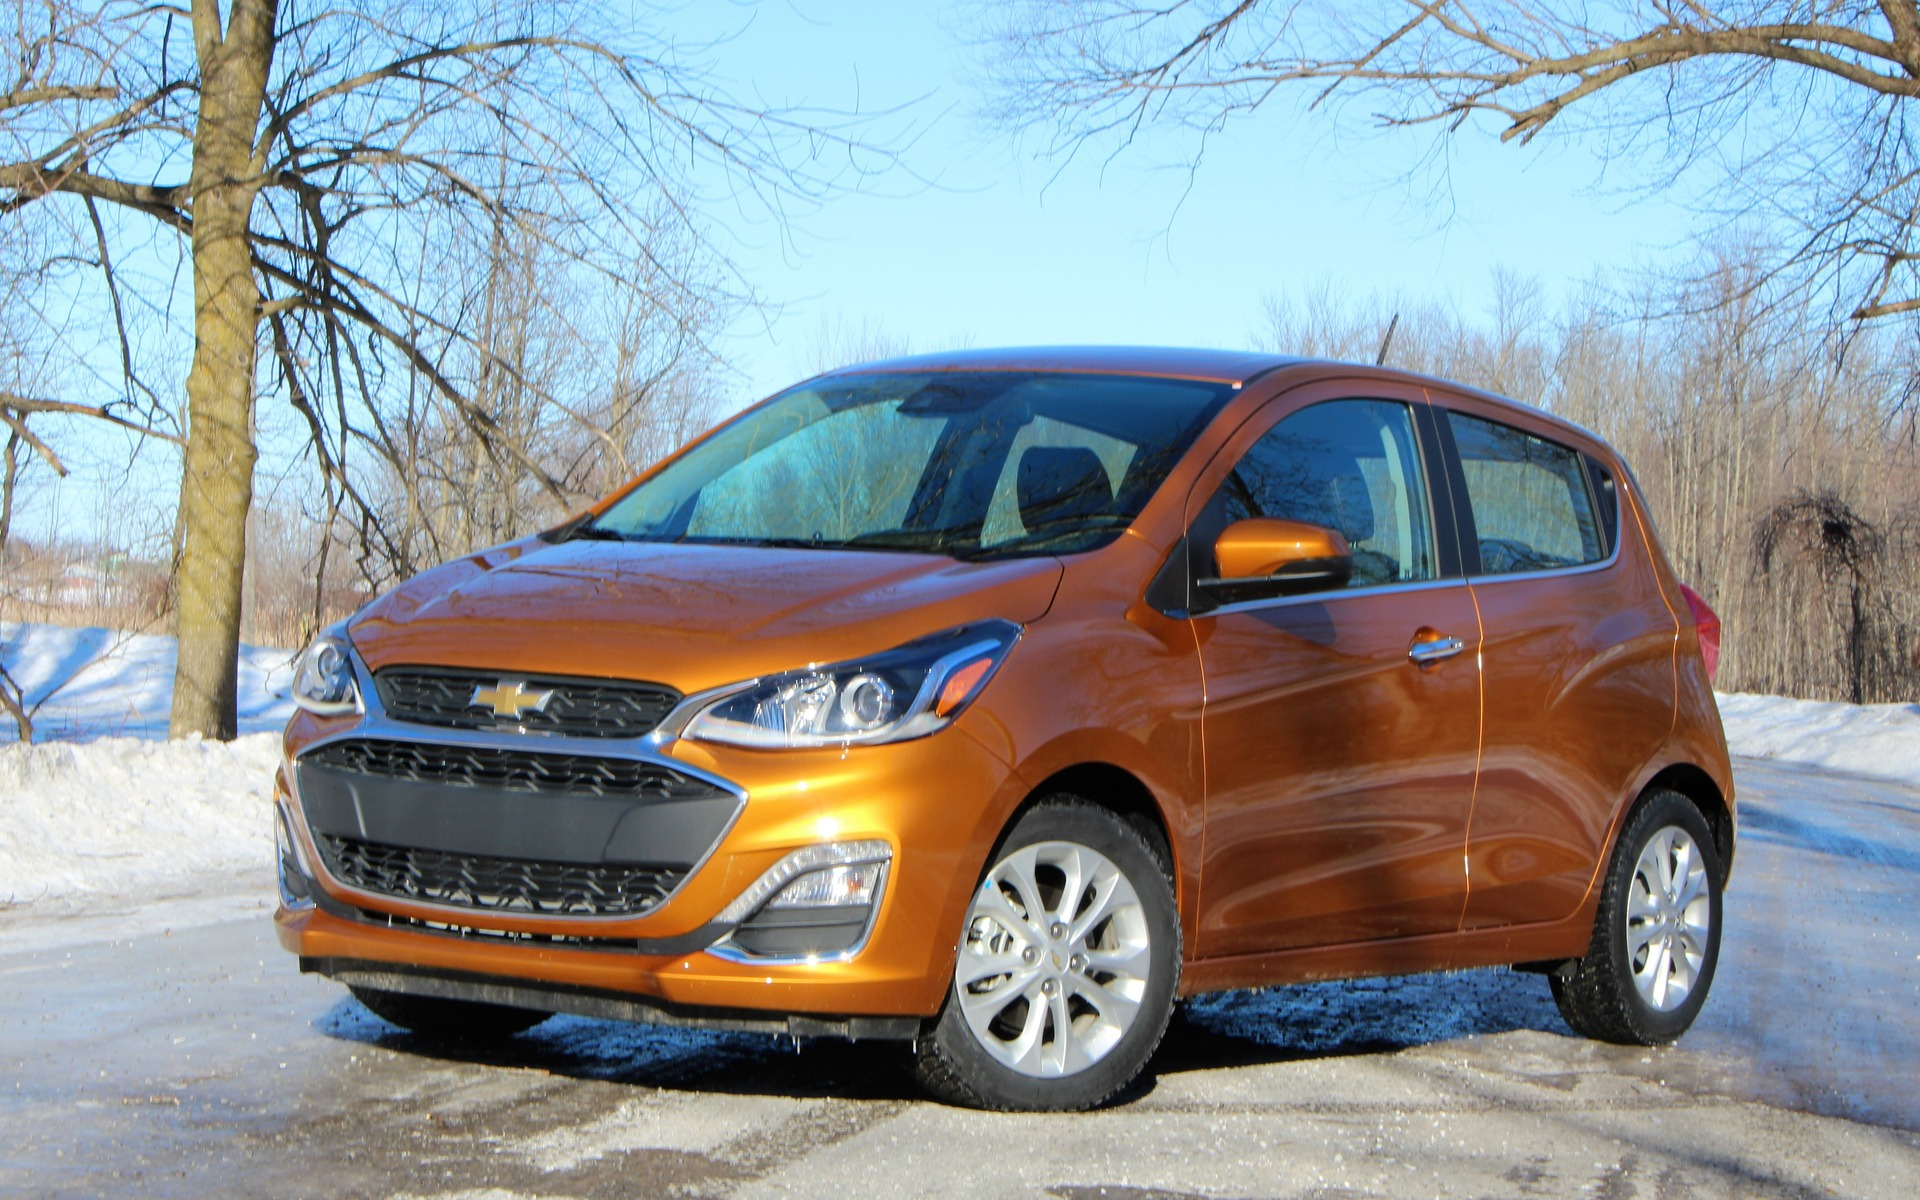 Kelebihan Kekurangan Spark Chevrolet 2019 Tangguh